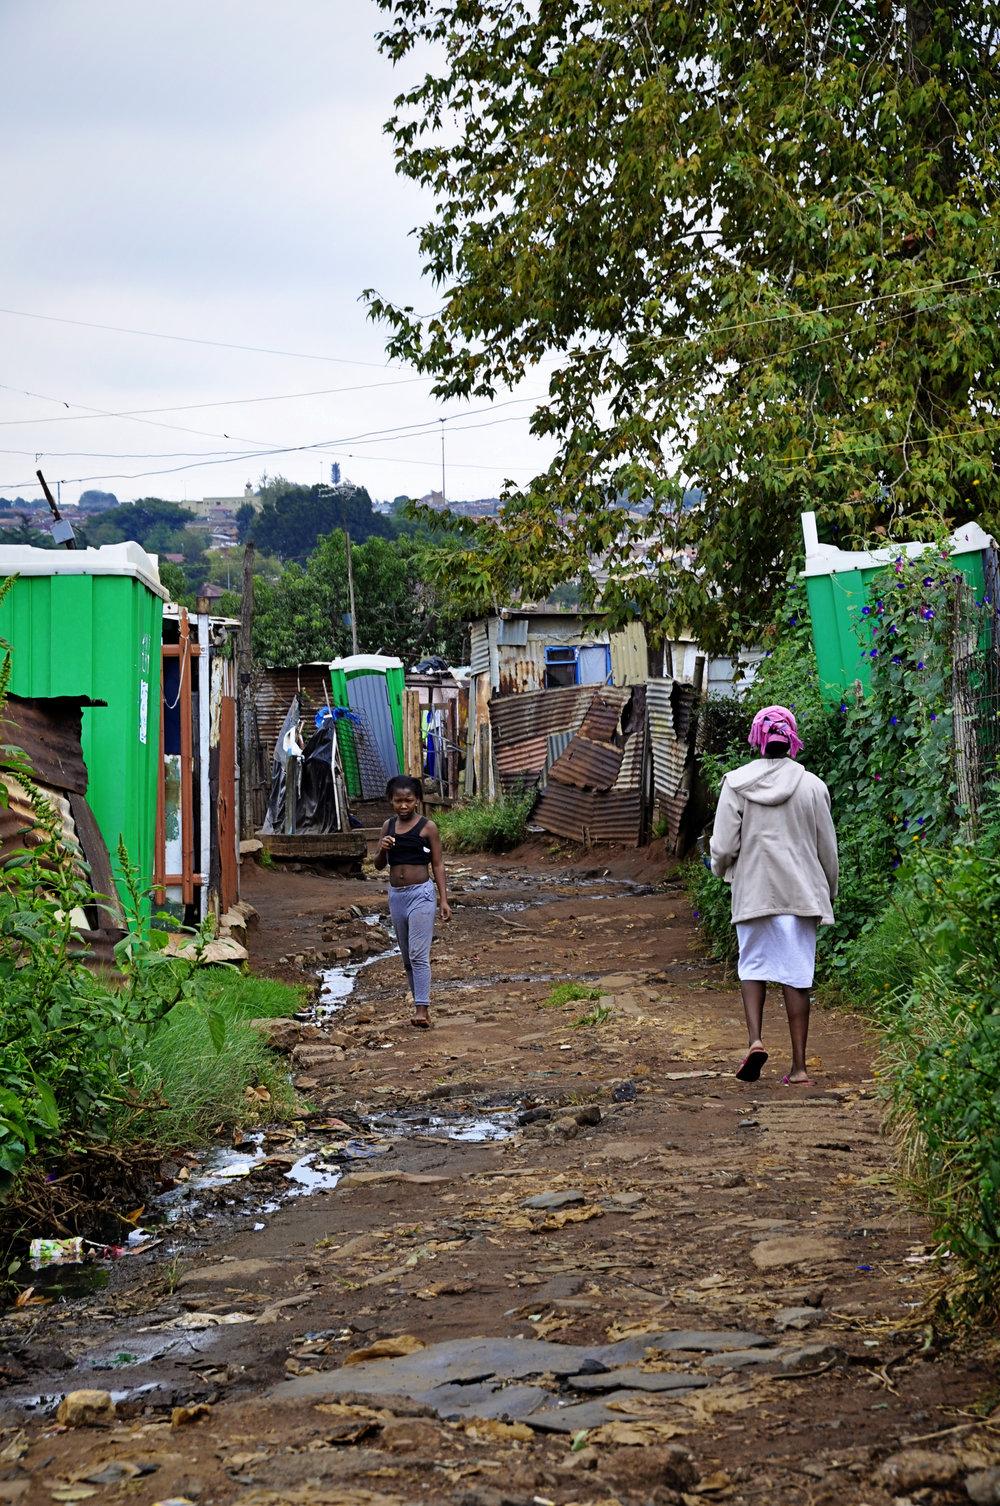 Africa-Johannesburg-44.jpg